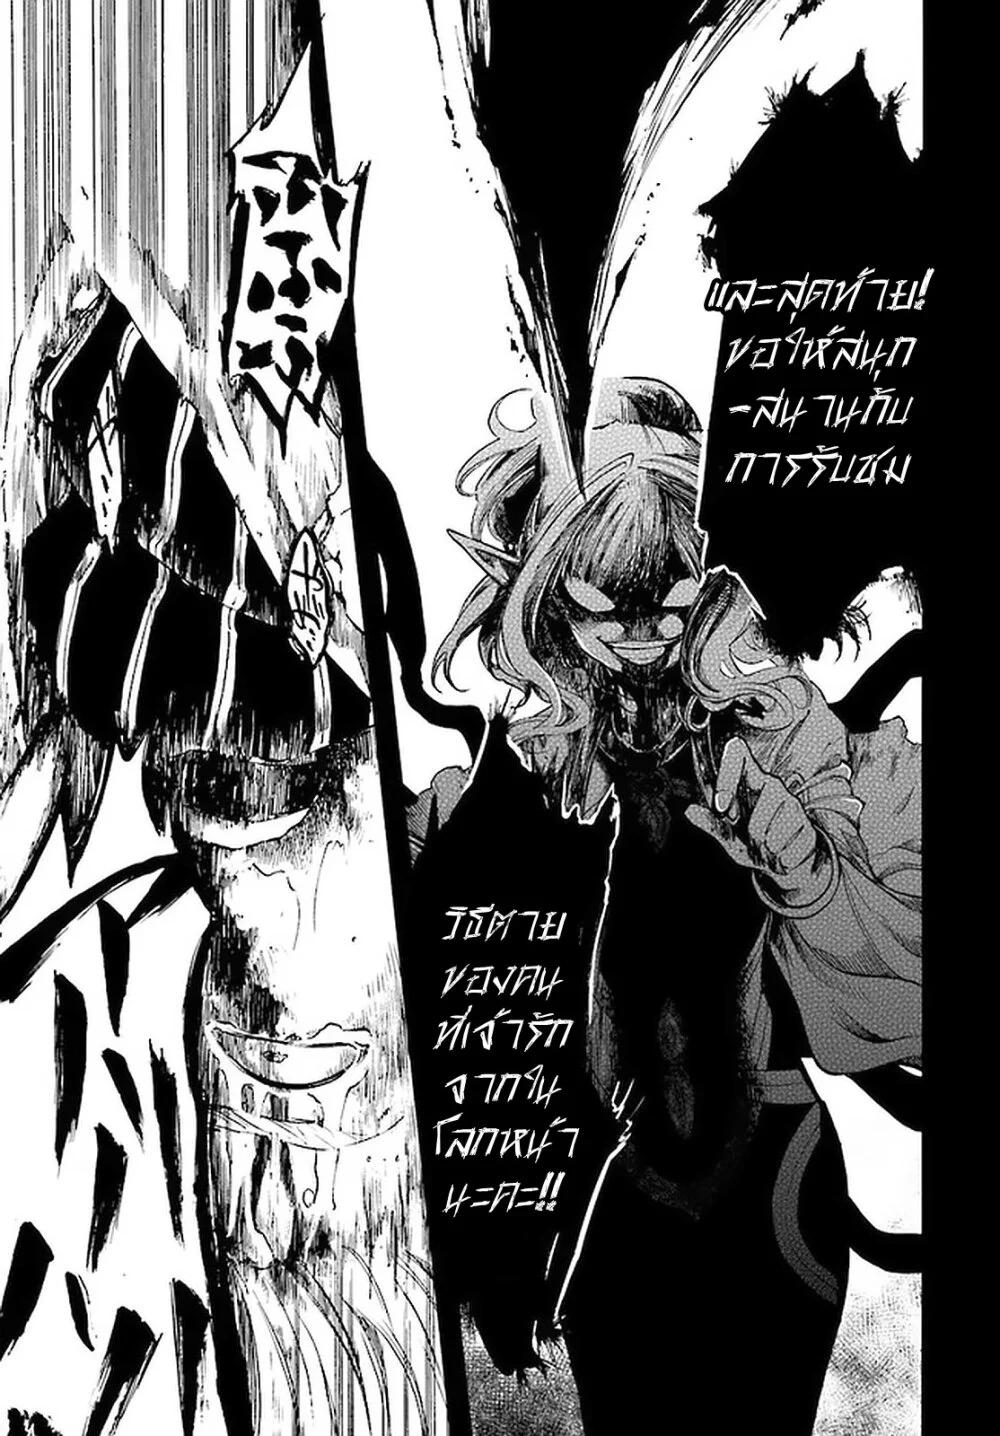 อ่านการ์ตูน Isekai Apocalypse MYNOGHRA ~The Conquest of the World Starts With the Civilization of Ruin~ ตอนที่ 8 หน้าที่ 15